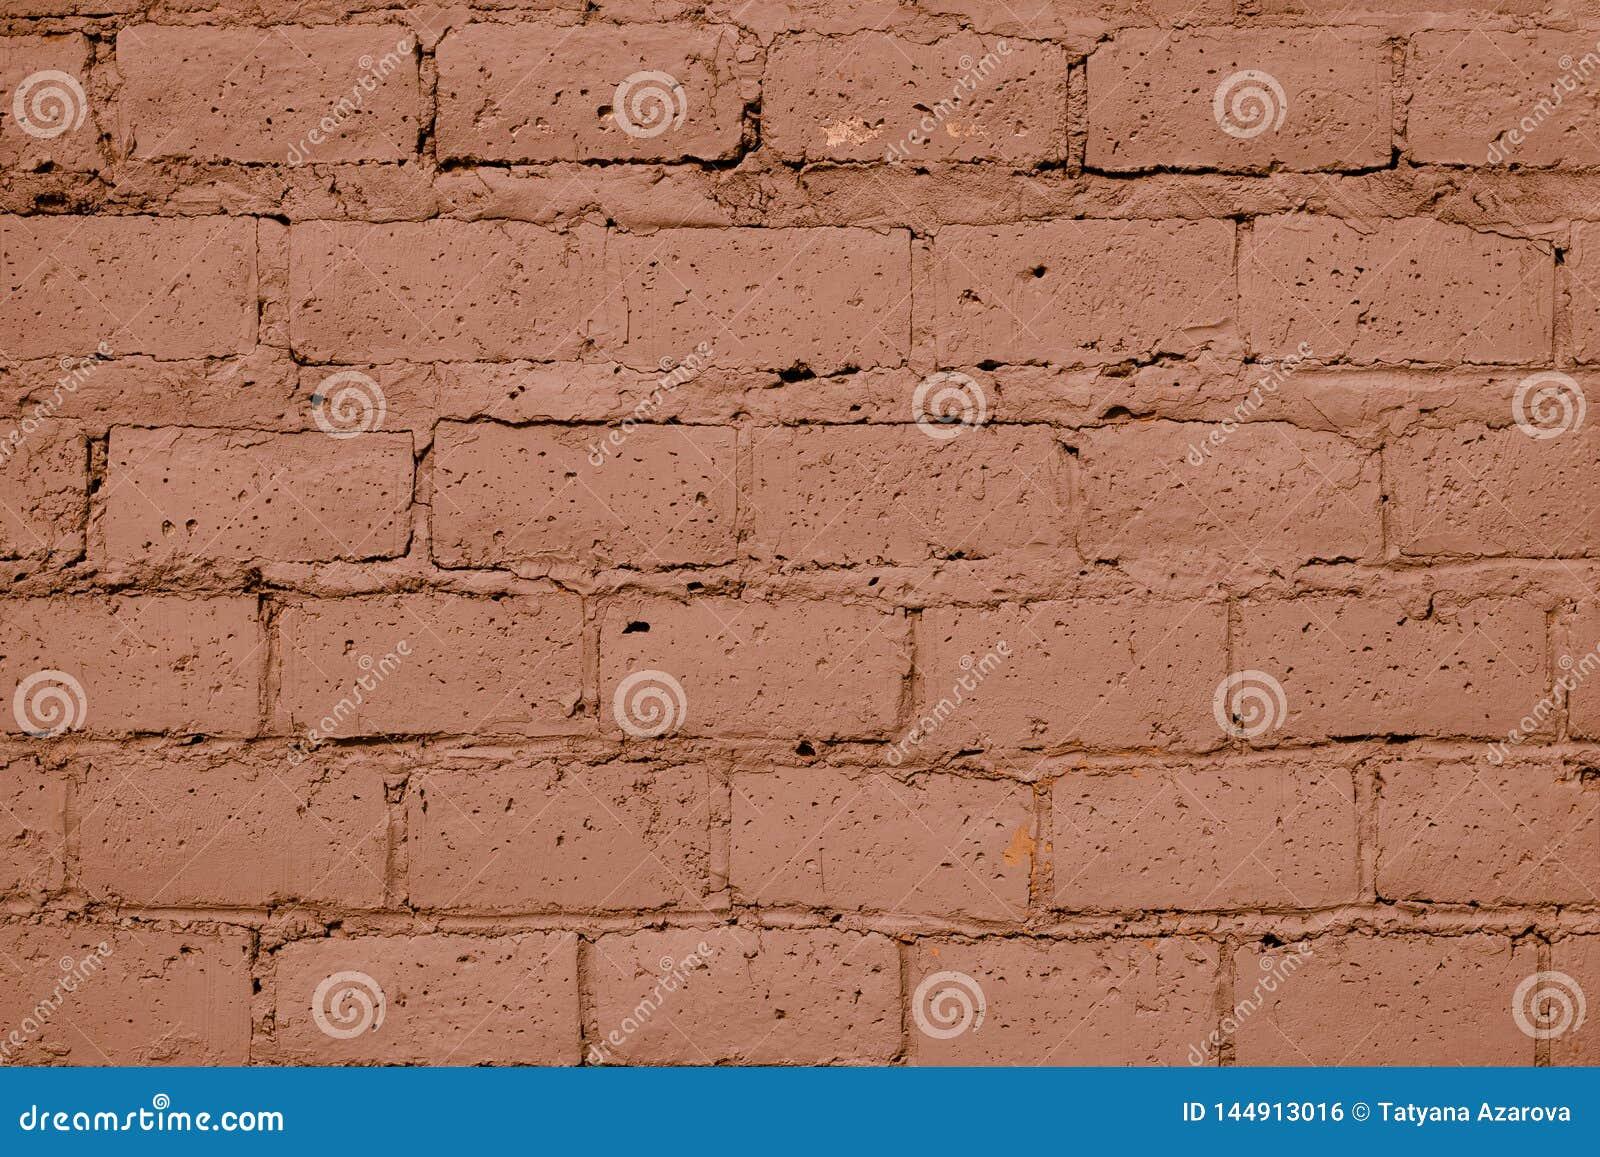 Ανοικτό καφέ σύσταση τουβλότοιχος Παλαιό τούβλινο υπόβαθρο τοίχων Ανοικτό πορτοκαλί υπόβαθρο τοίχων Ο άργιλος χρωματίζει το σχέδι